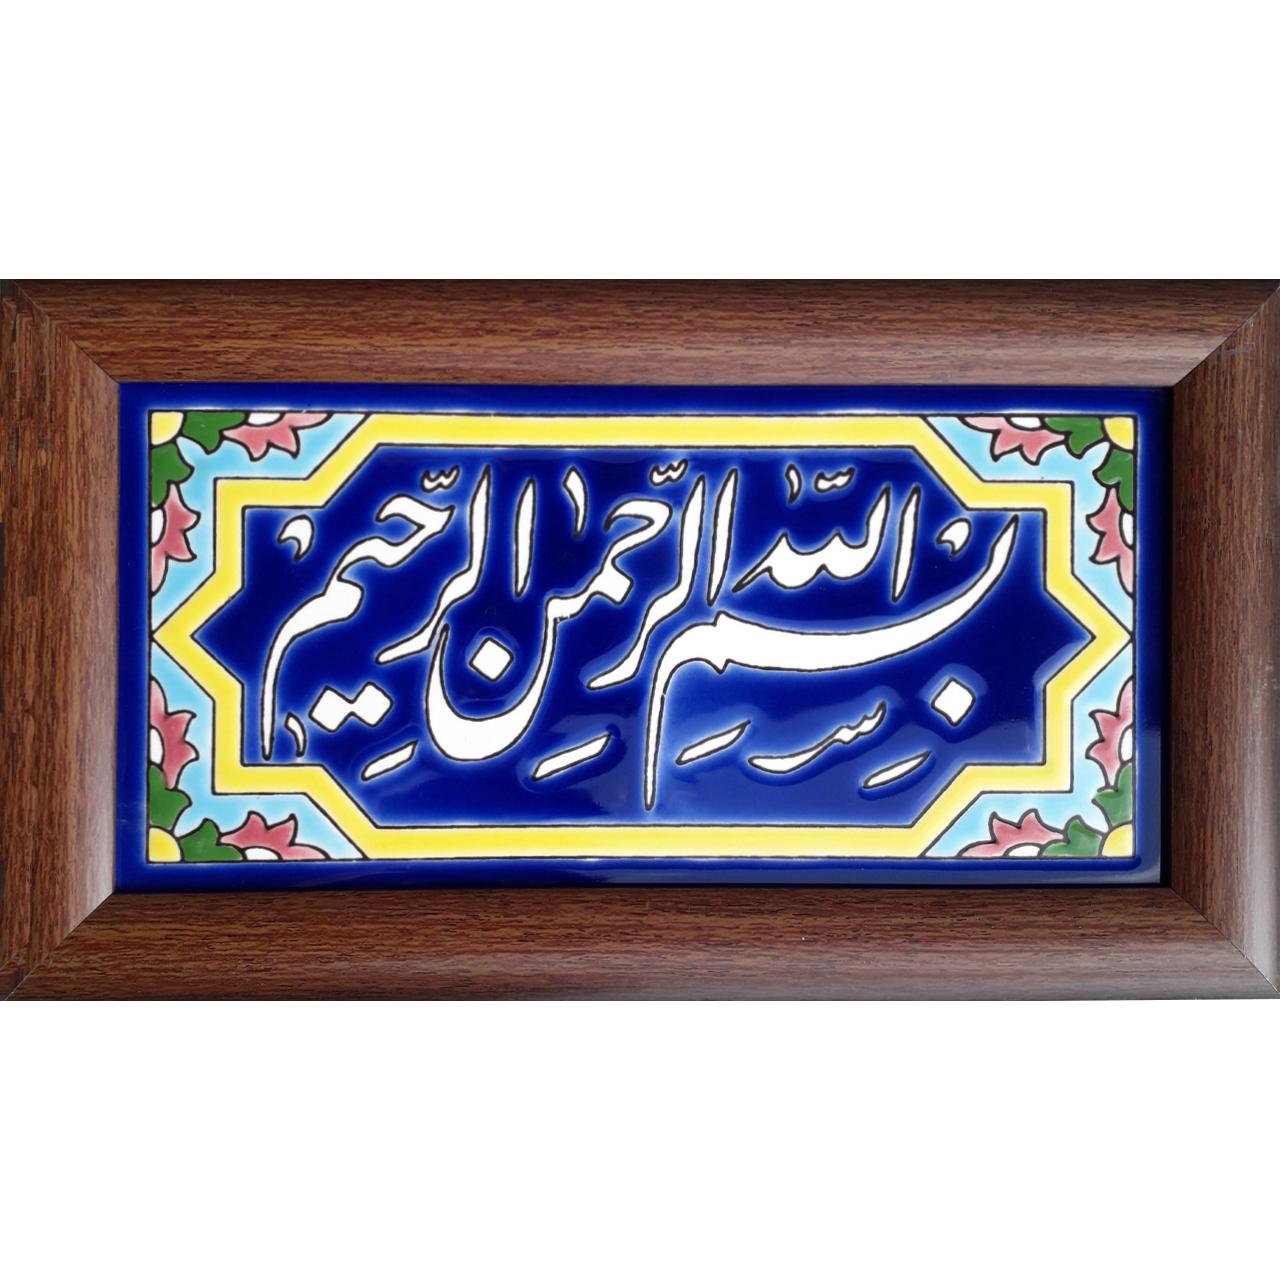 تابلو کاشی کاری طرح بسم الله کد 0034